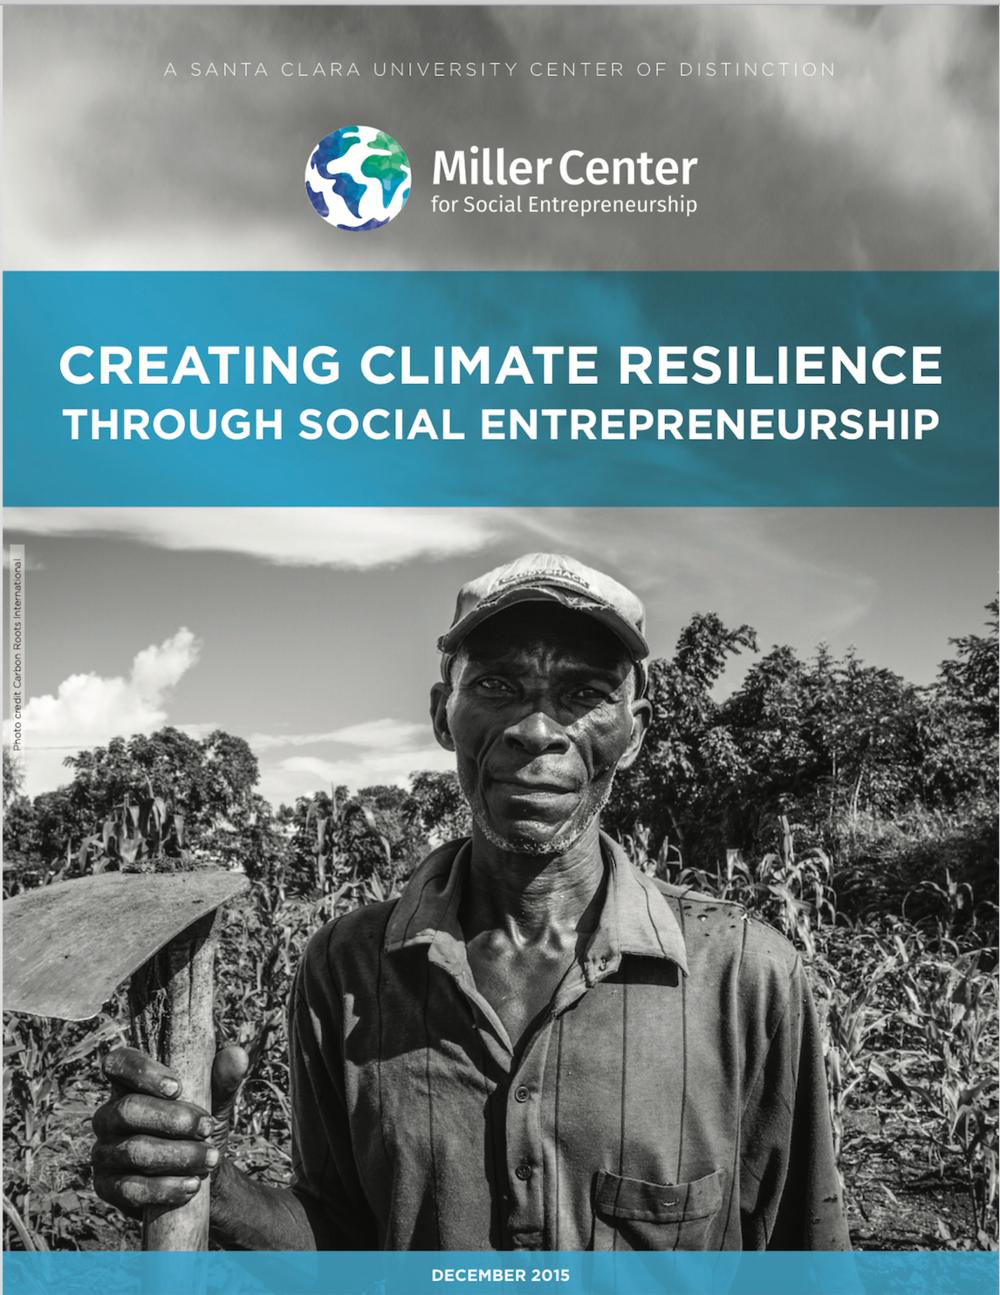 Creating Climate Resilience through Social Entrepreneurship